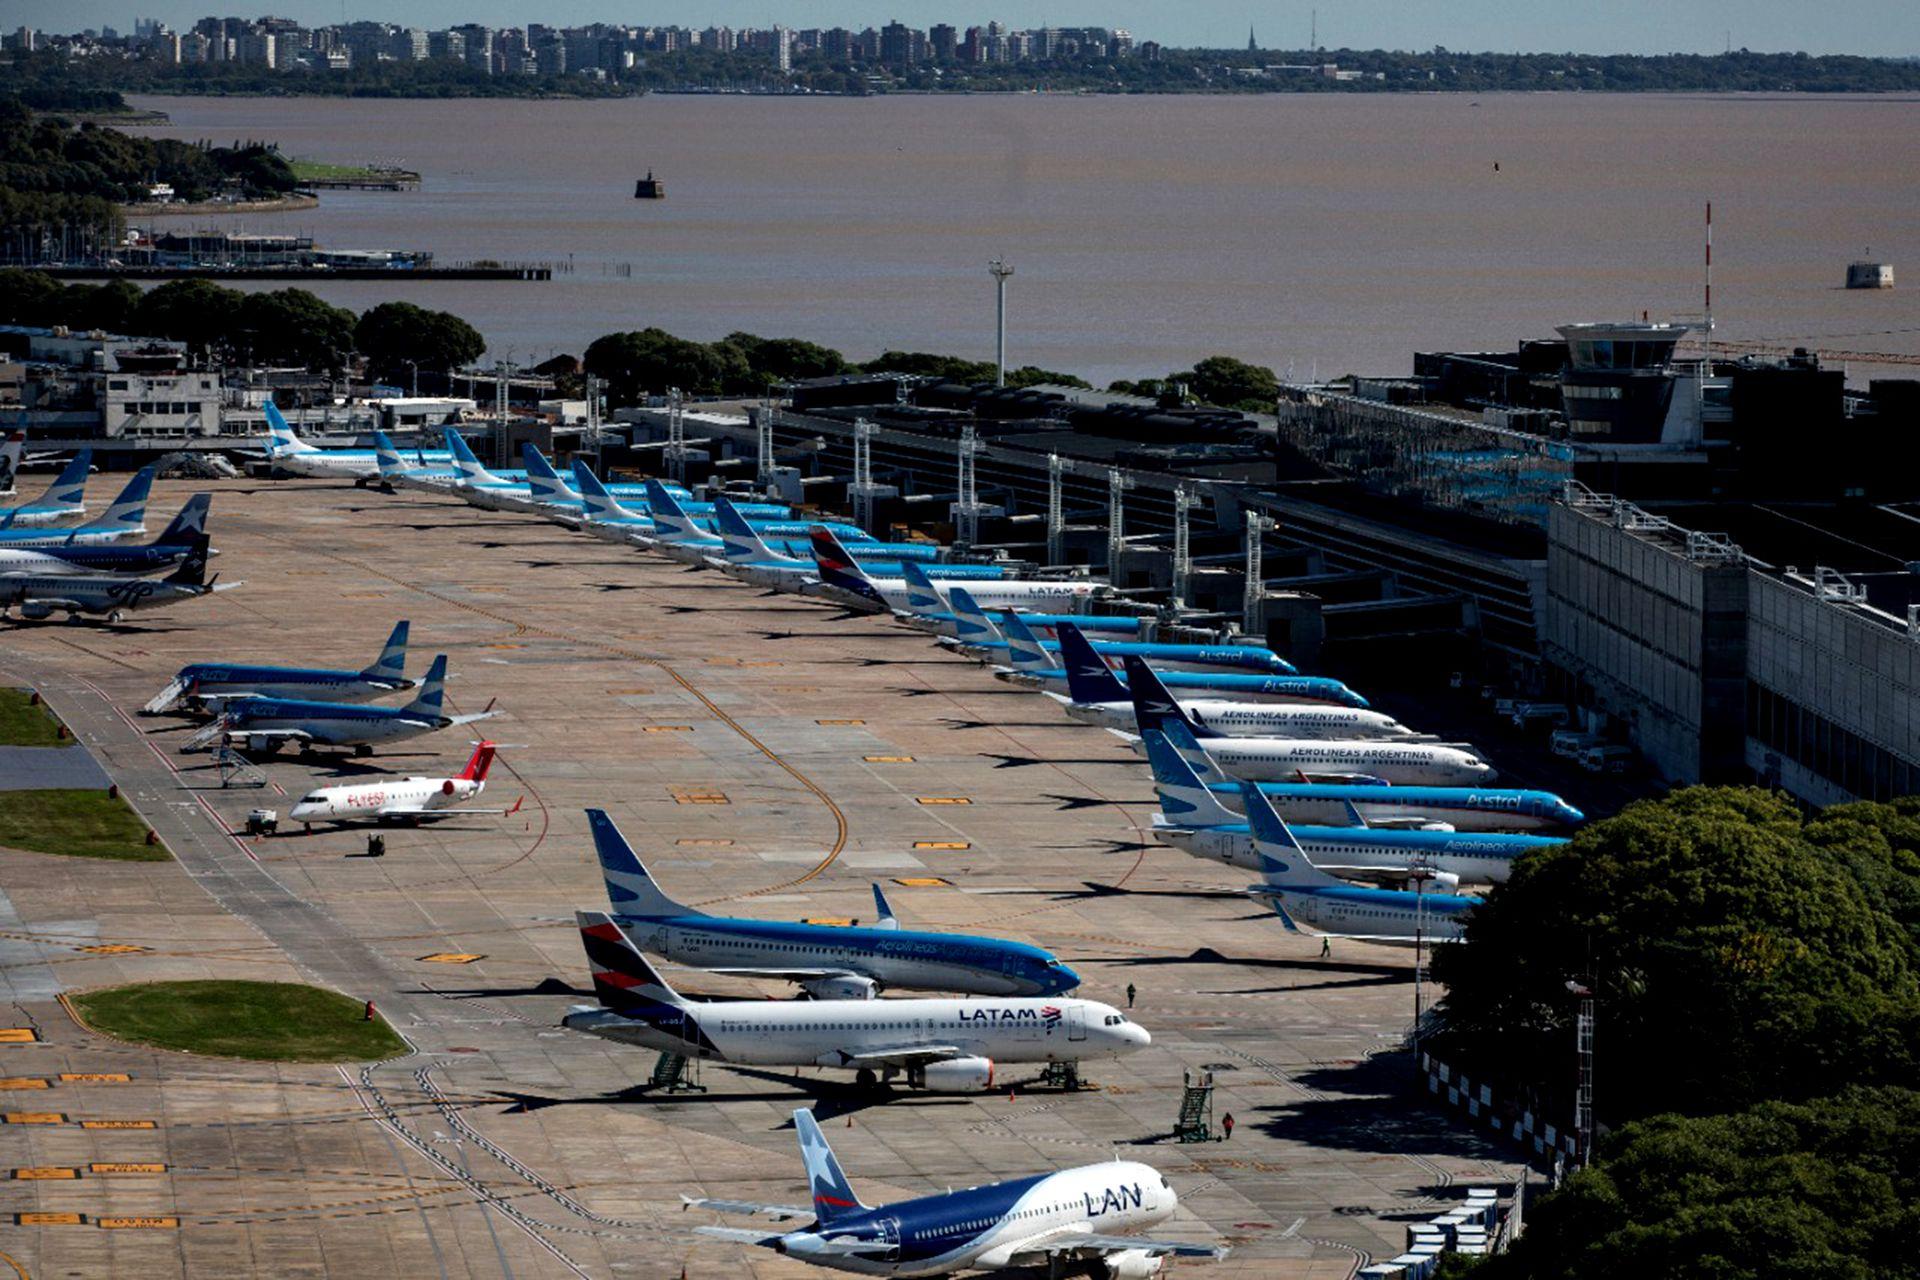 Aviones estacionados en Aeroparque